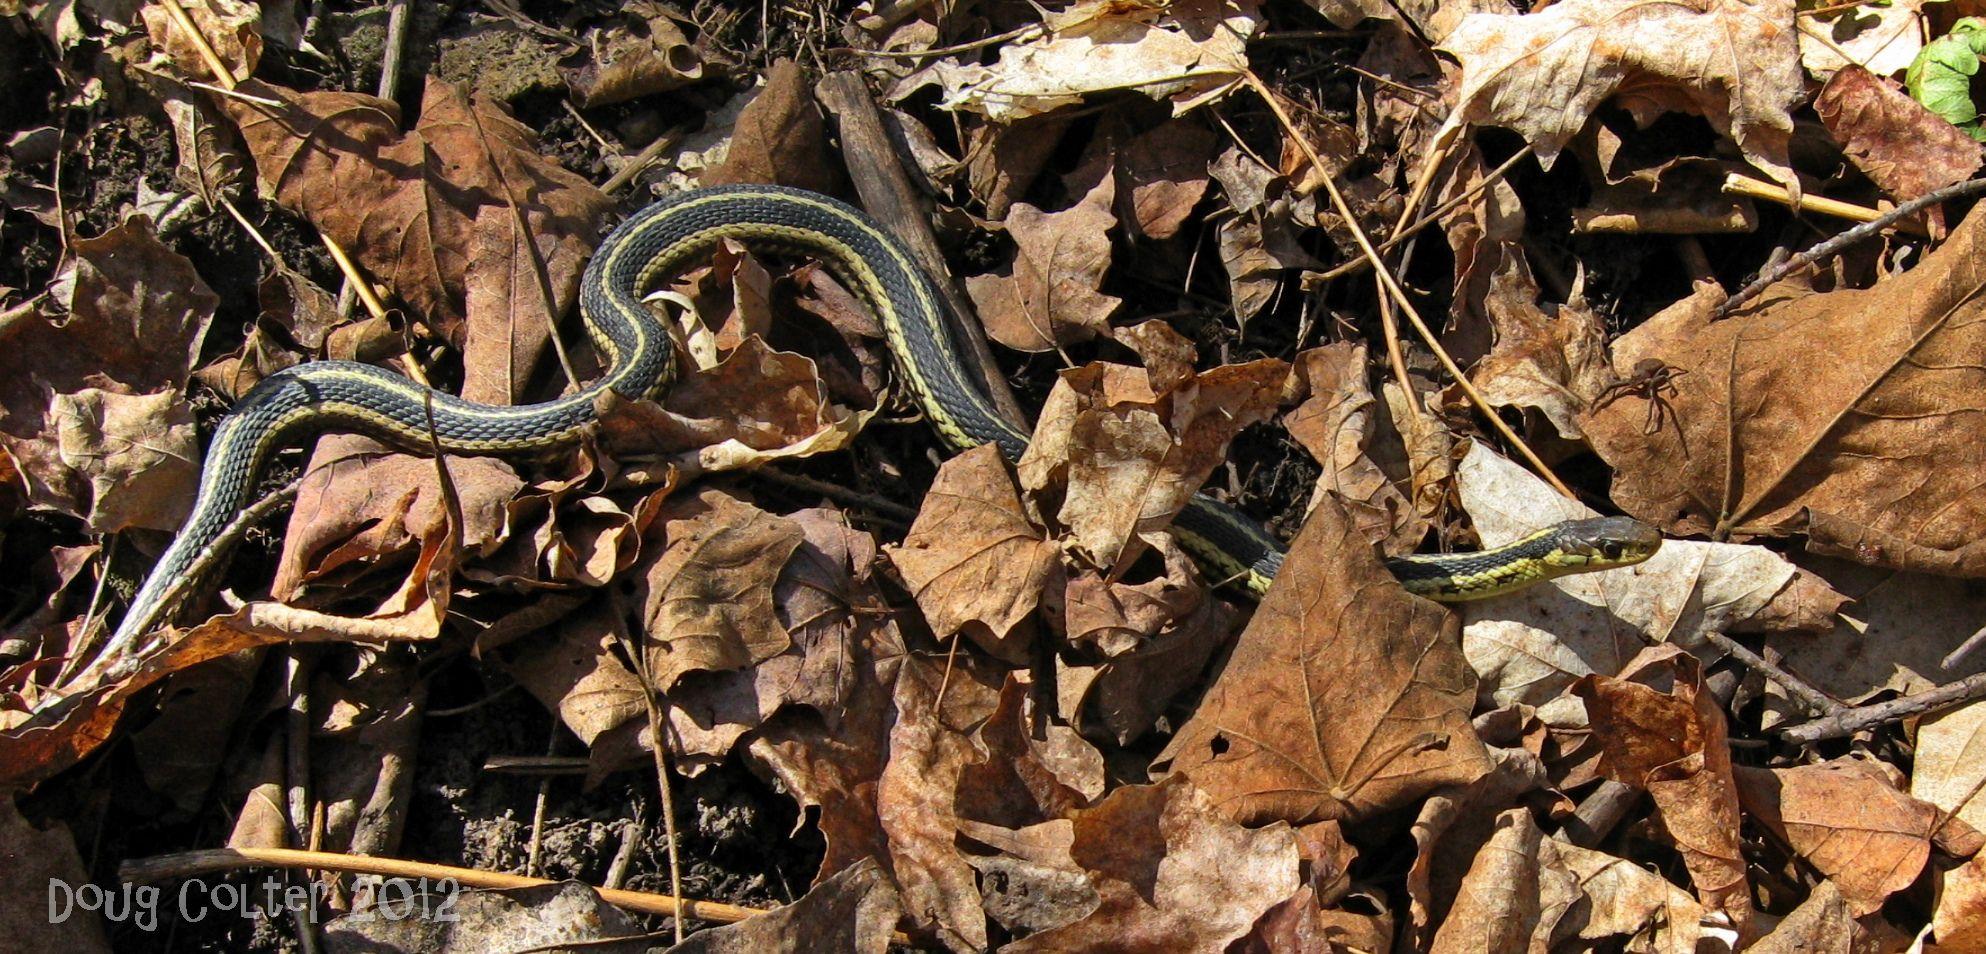 Garter Snake Sometimes Called Garden Snake Or Gardener Snake